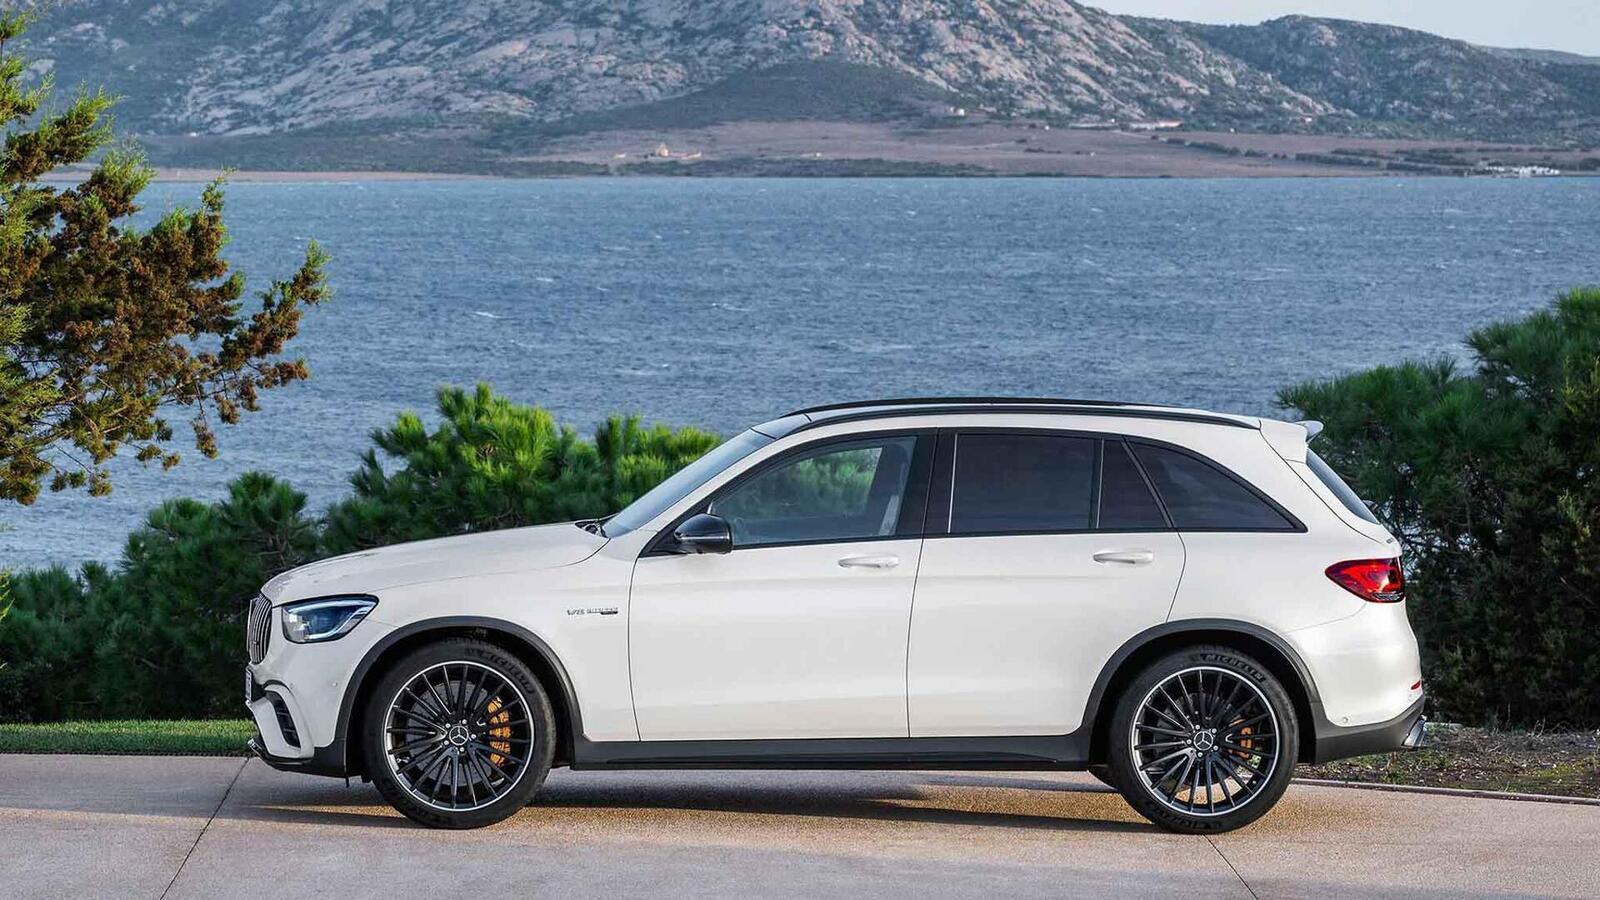 Mercedes-AMG giới thiệu GLC và GLC Coupe 63 mới lắp động cơ V8 4.0L Biturbo mạnh hơn 460 mã lực - Hình 10